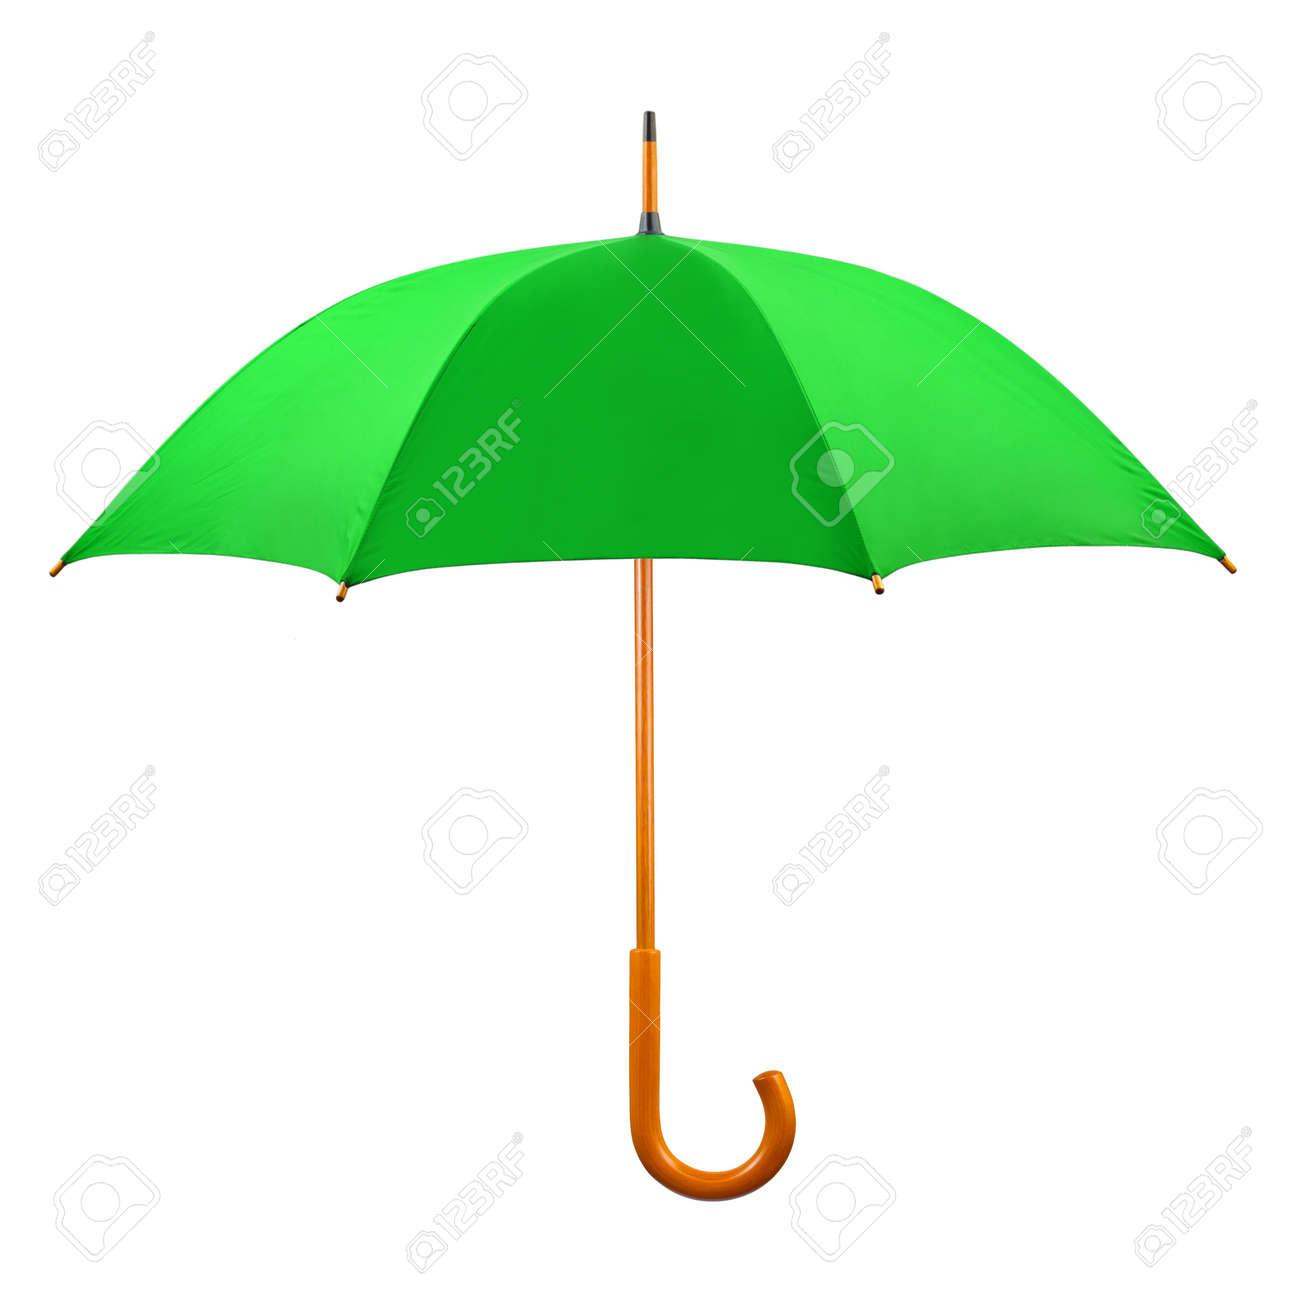 último estilo de 2019 primer nivel moderno y elegante en moda Abrió el paraguas verde aisladas sobre fondo blanco